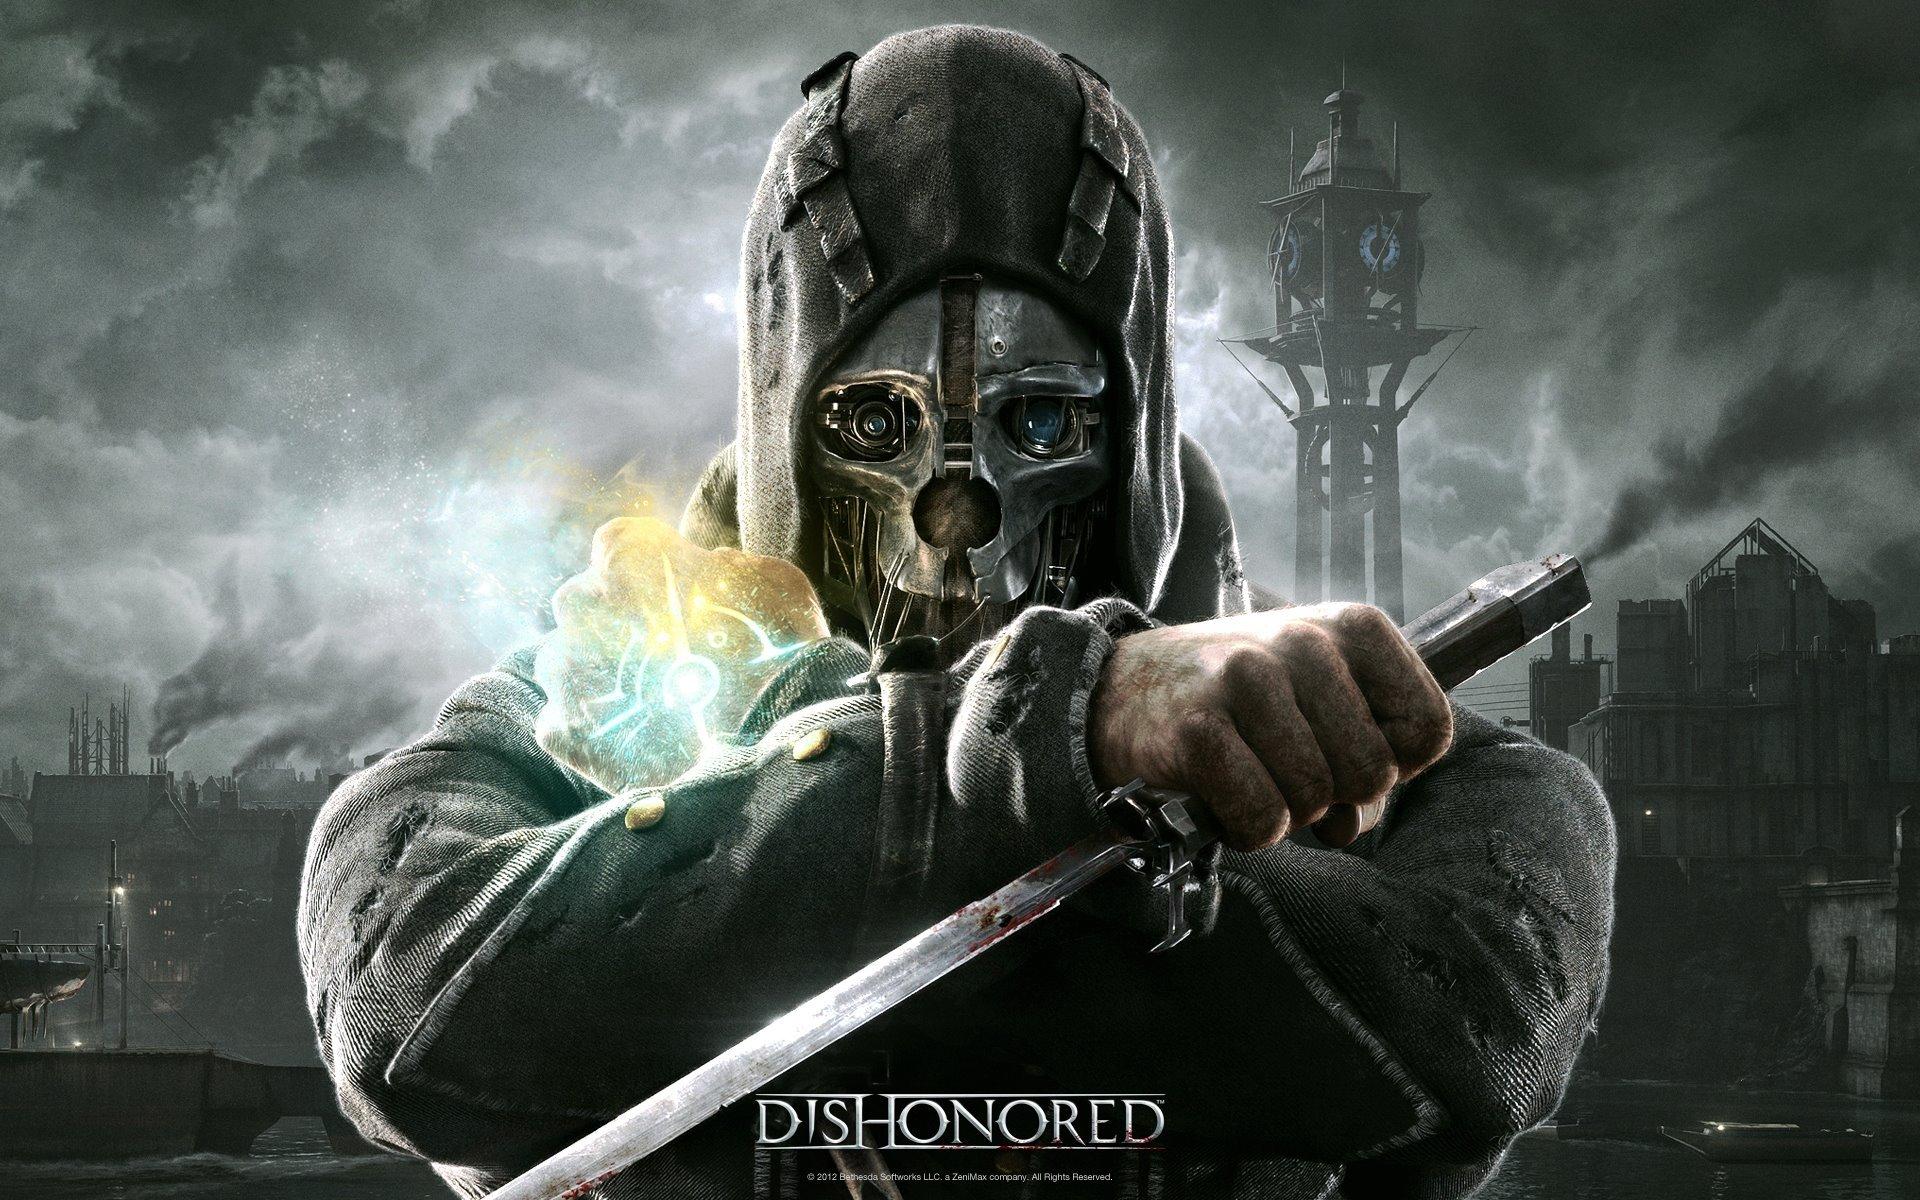 сможет thief 4 стать популярней dishonored??? - Изображение 2